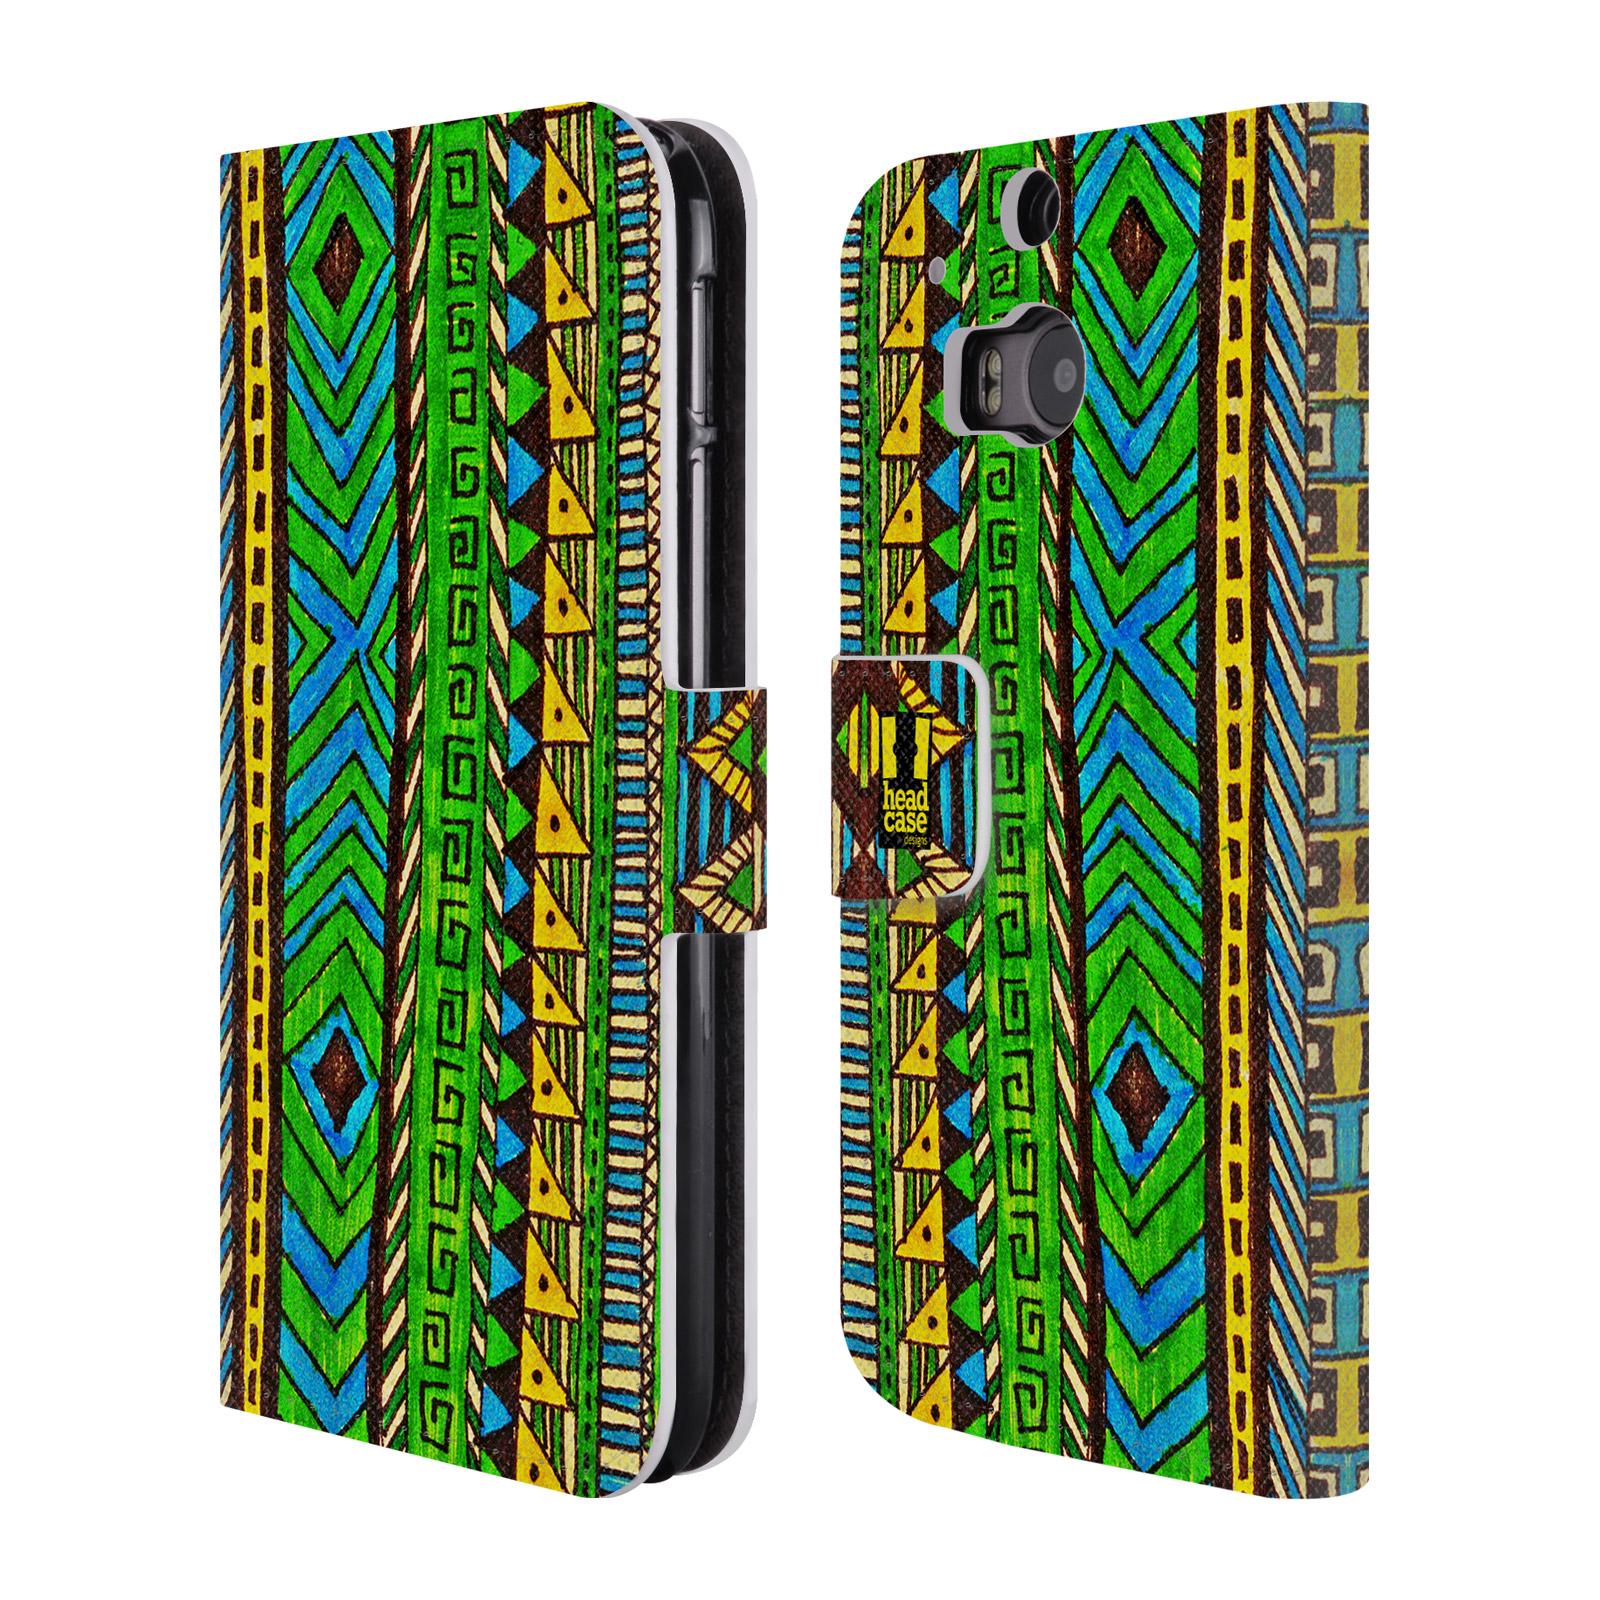 HEAD CASE Flipové pouzdro pro mobil HTC ONE (M8, M8s) Barevná aztécká čmáranice zelená